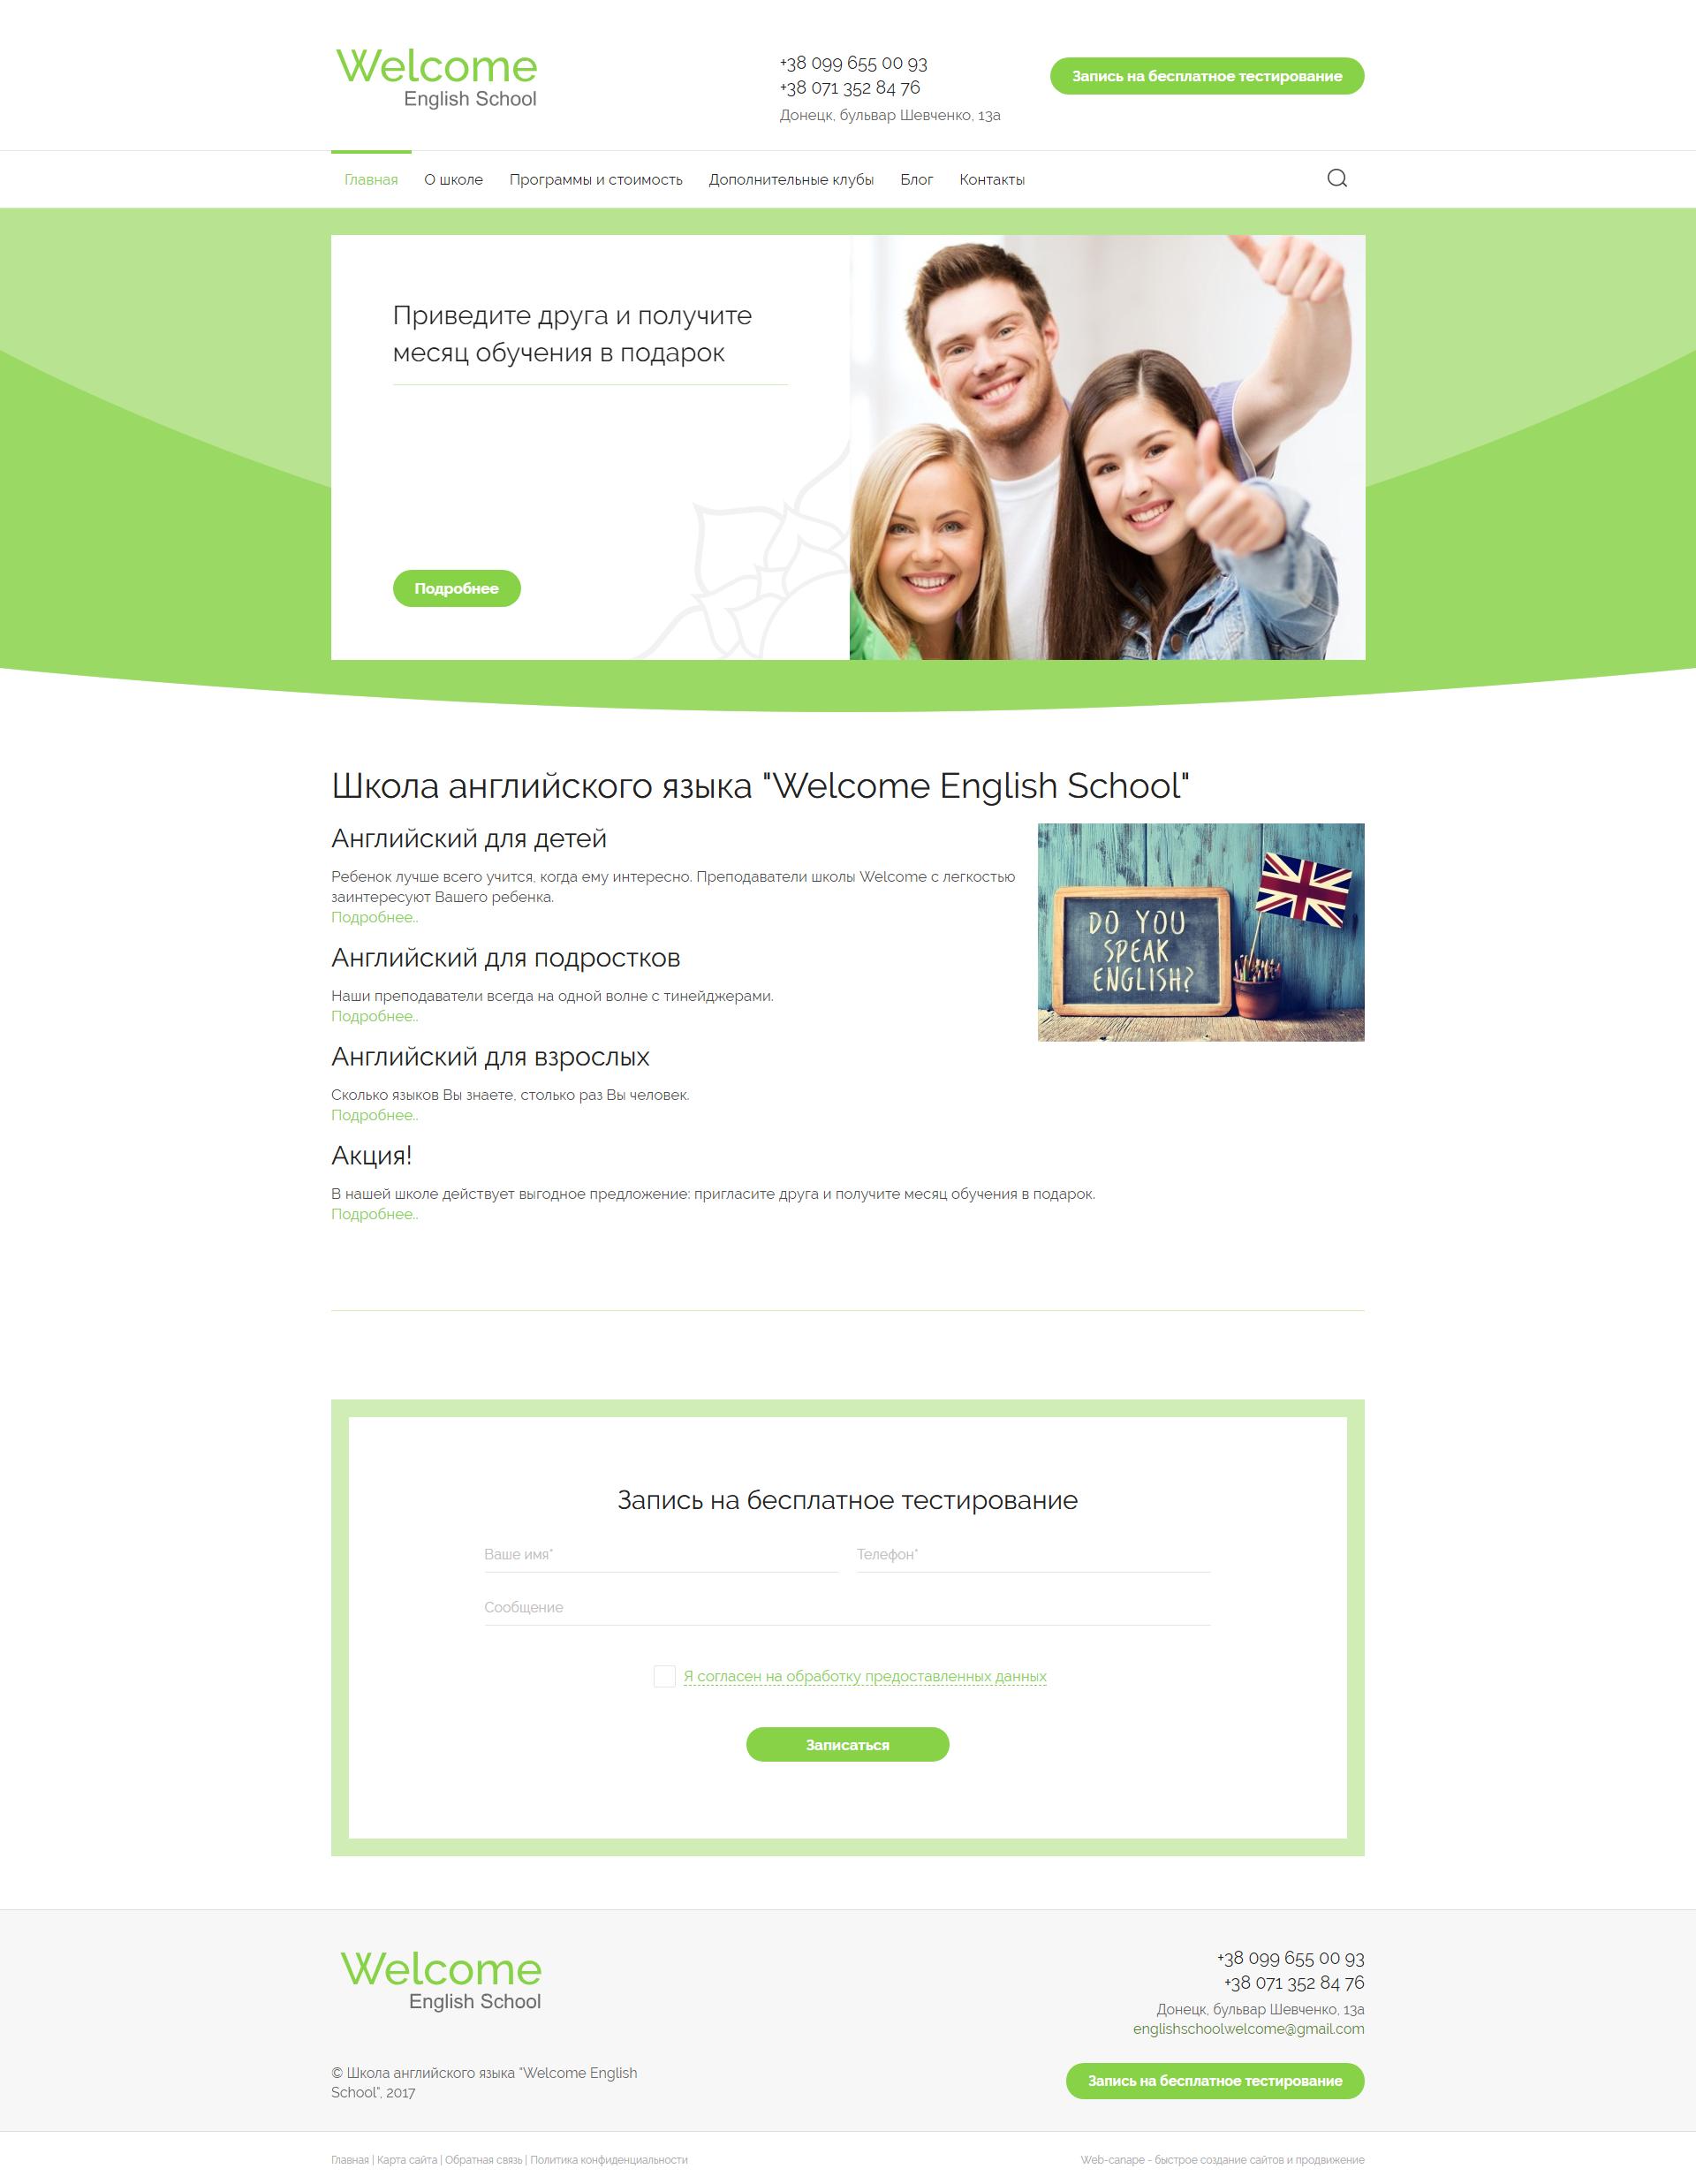 Разработка сайта на основе быстрого решения для школы английского языка